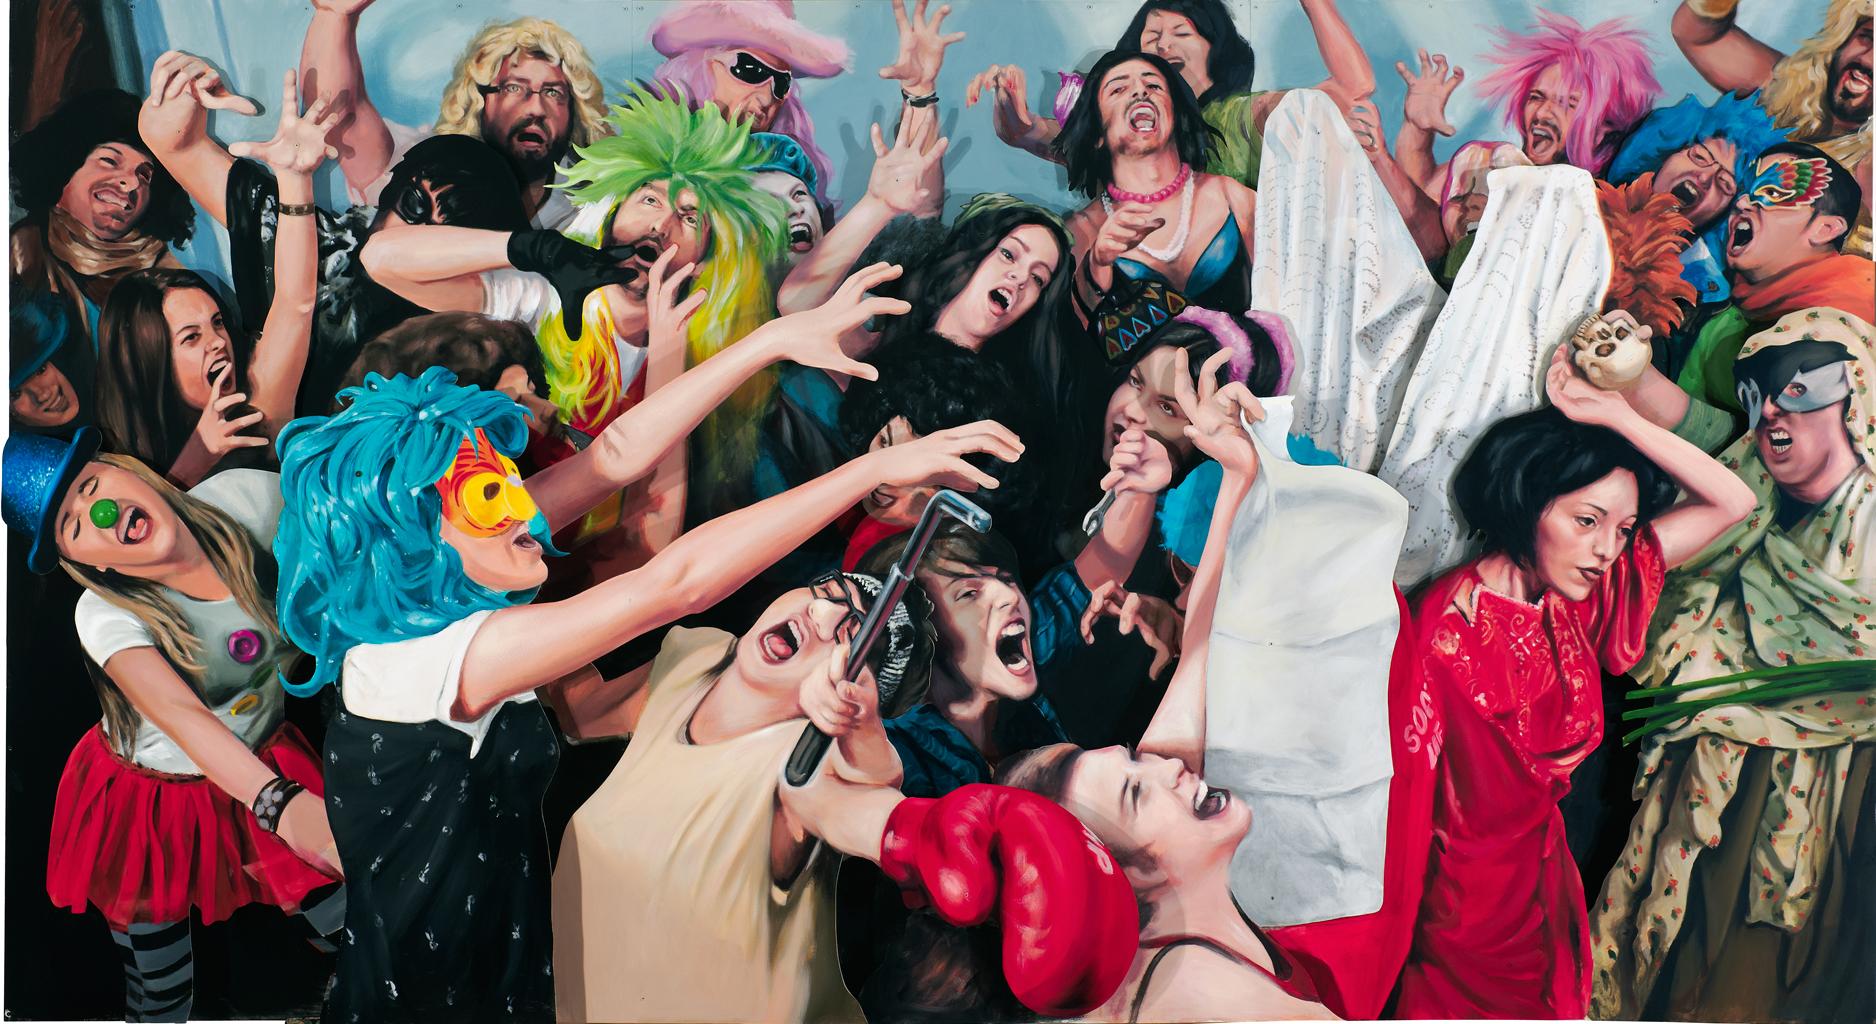 La exposición 'Juego de máscaras. La identidad como ficción' se instala en el Centro de Arte La Regenta